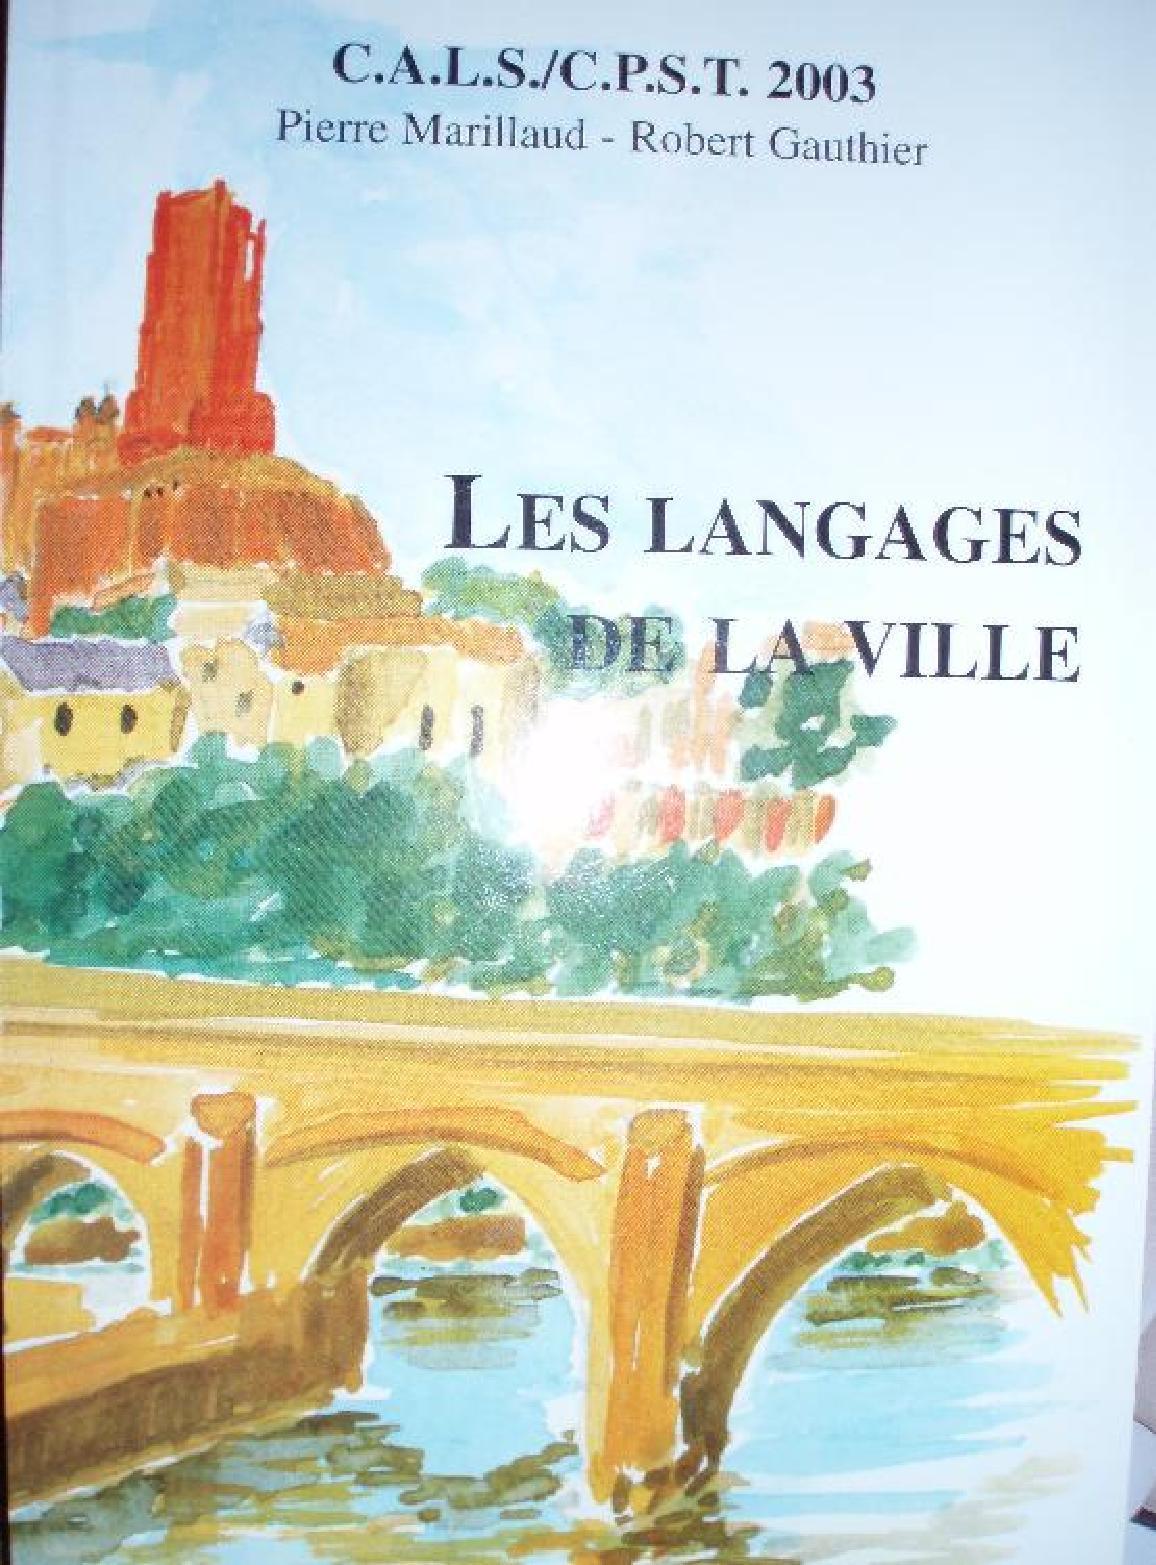 acheter pas cher une grande variété de modèles mode de luxe LES LANGAGES DE LA VILLE by Robert gauthier - issuu